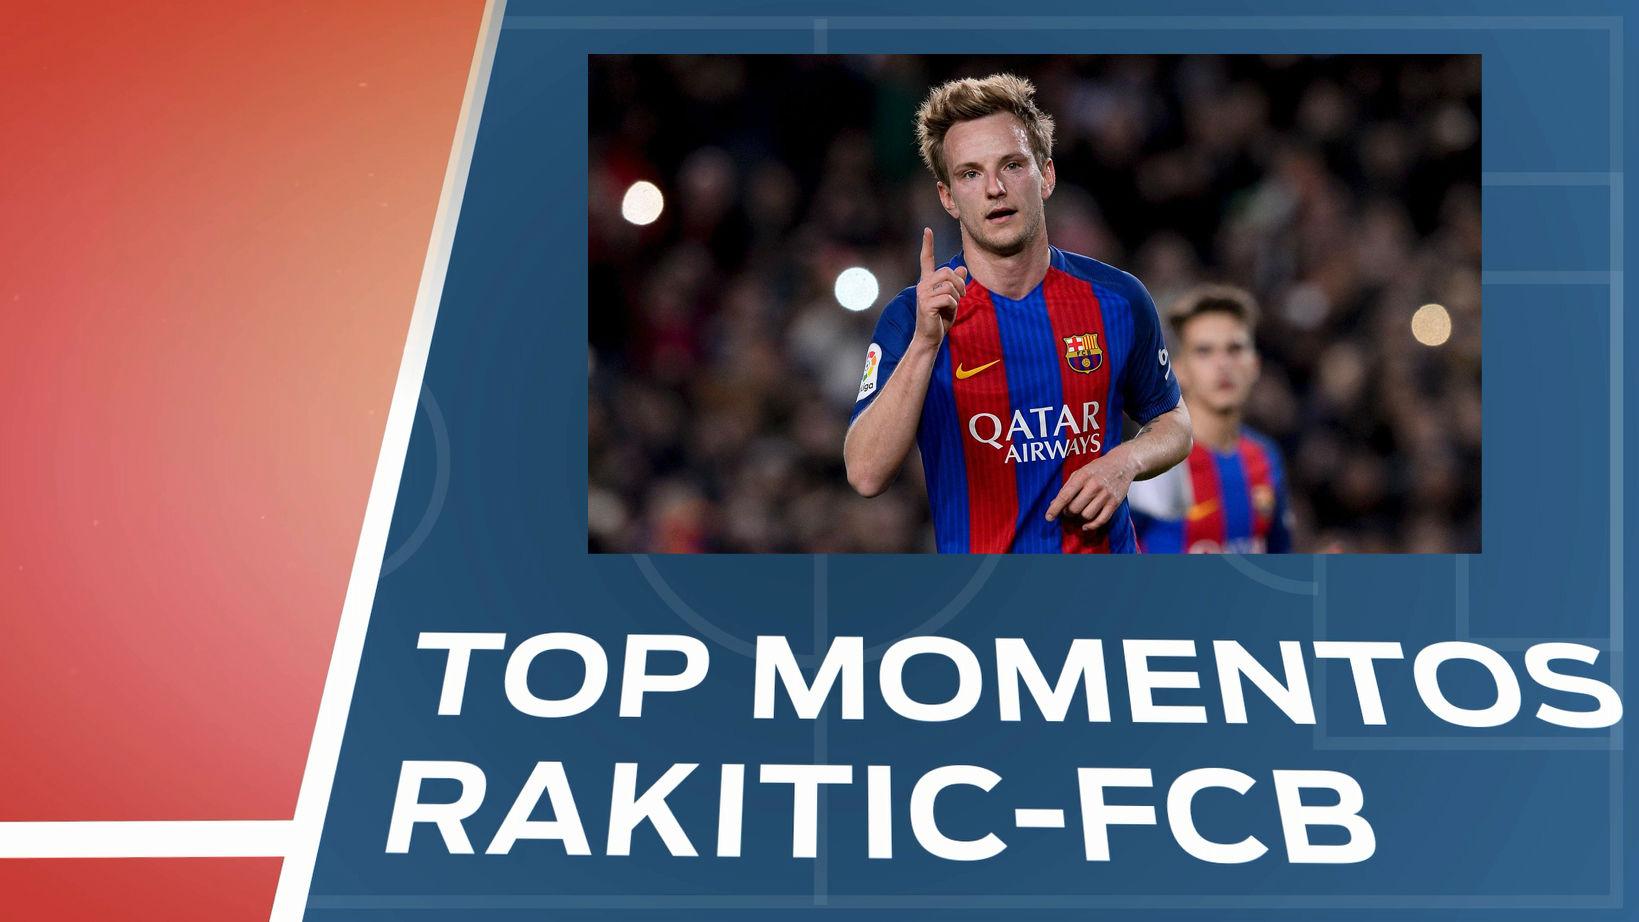 TOP 5: Momentos clave de Rakitic en el Barça